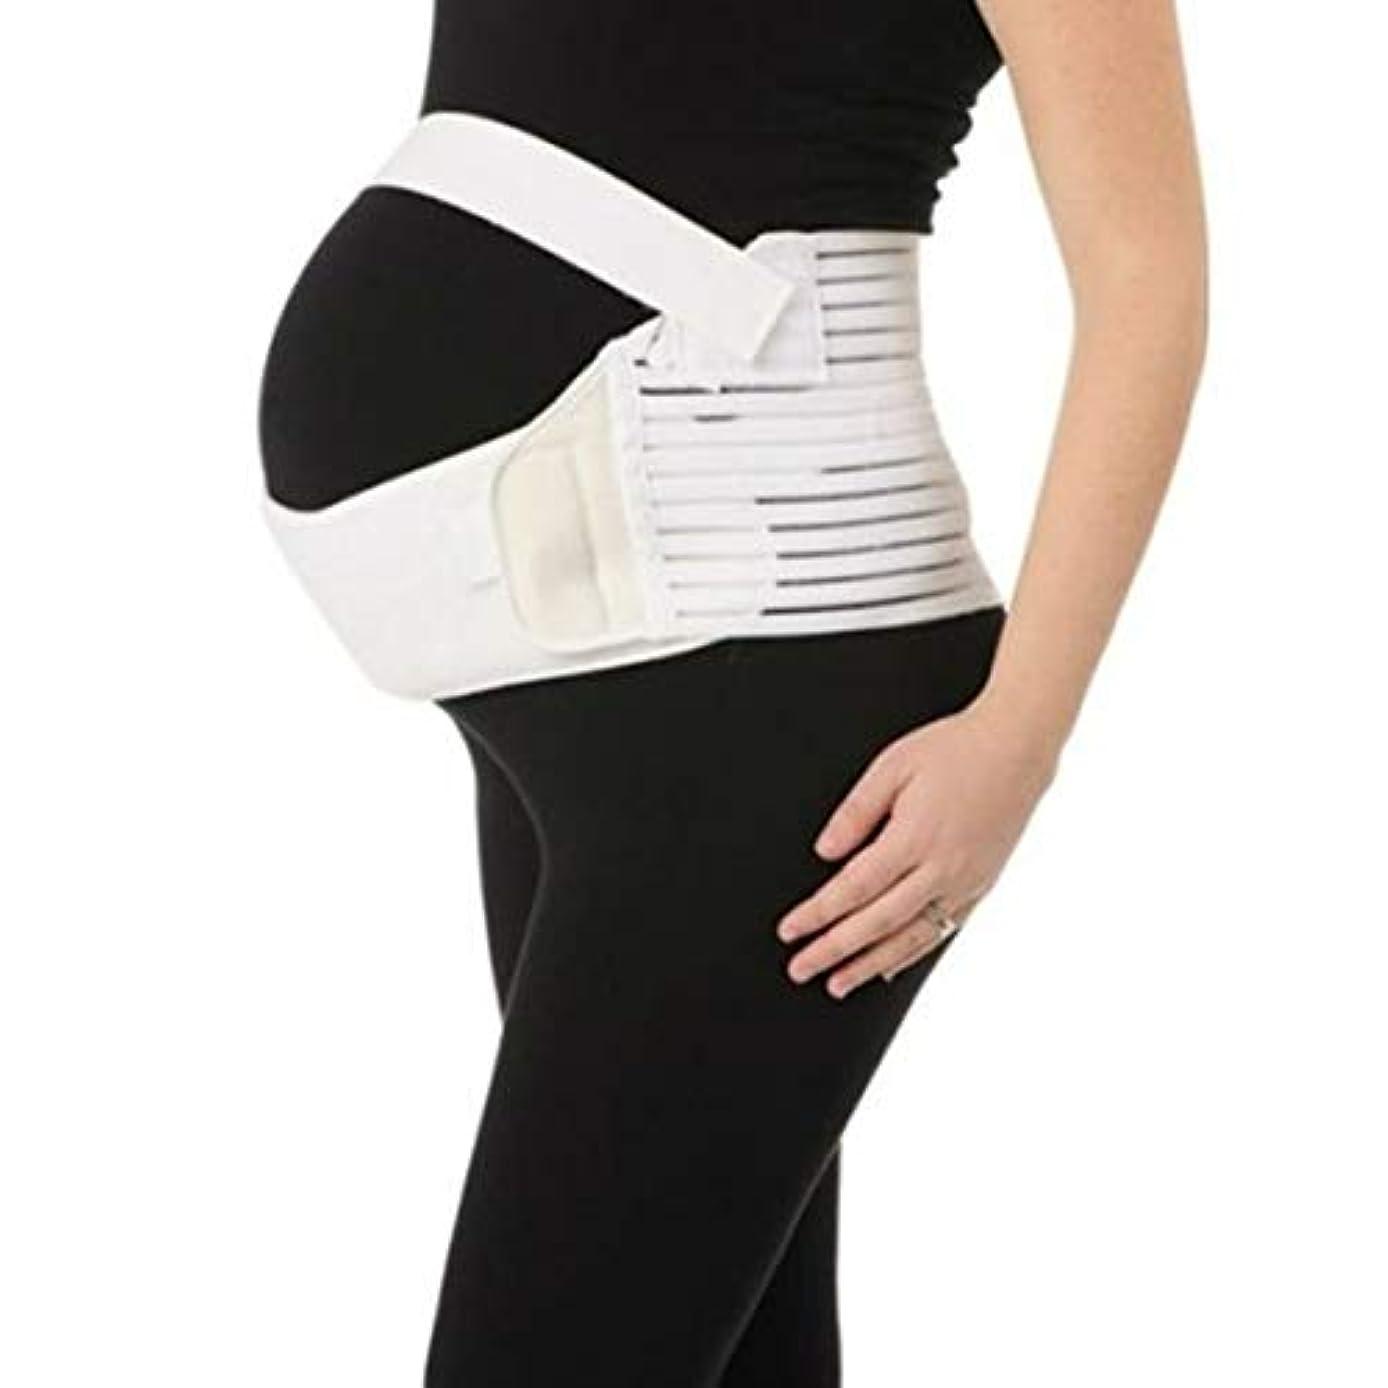 ブローホールホールブラインド通気性マタニティベルト妊娠腹部サポート腹部バインダーガードル運動包帯産後の回復shapewear - ホワイトL